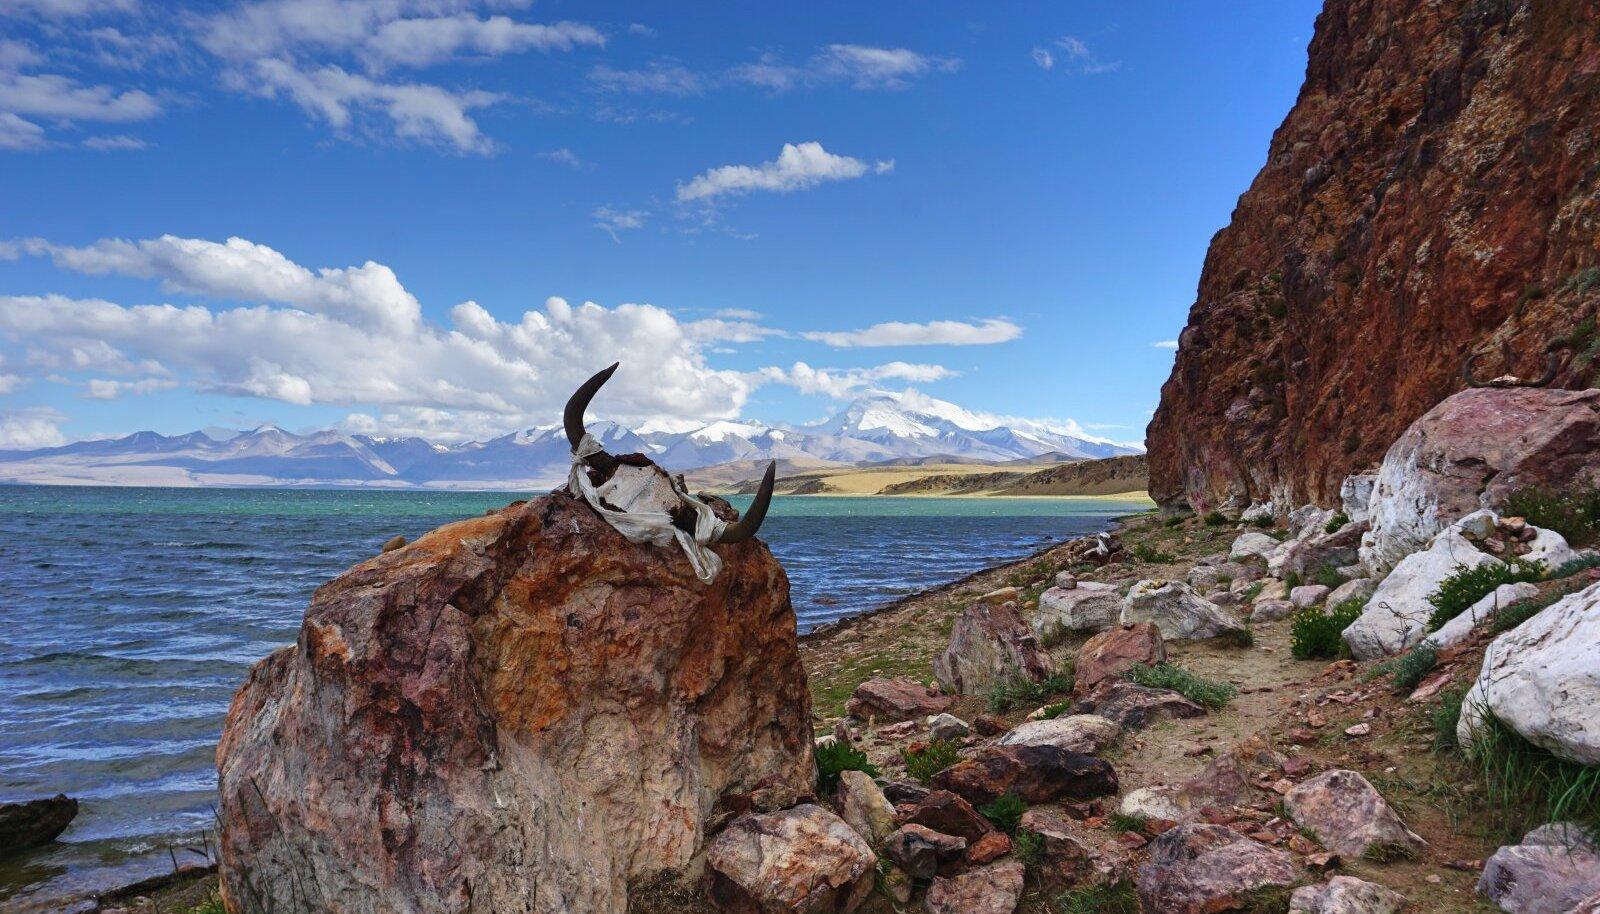 Loomapealuu koos sarvedega Manasarovari järve ääres, Tiibet 2019